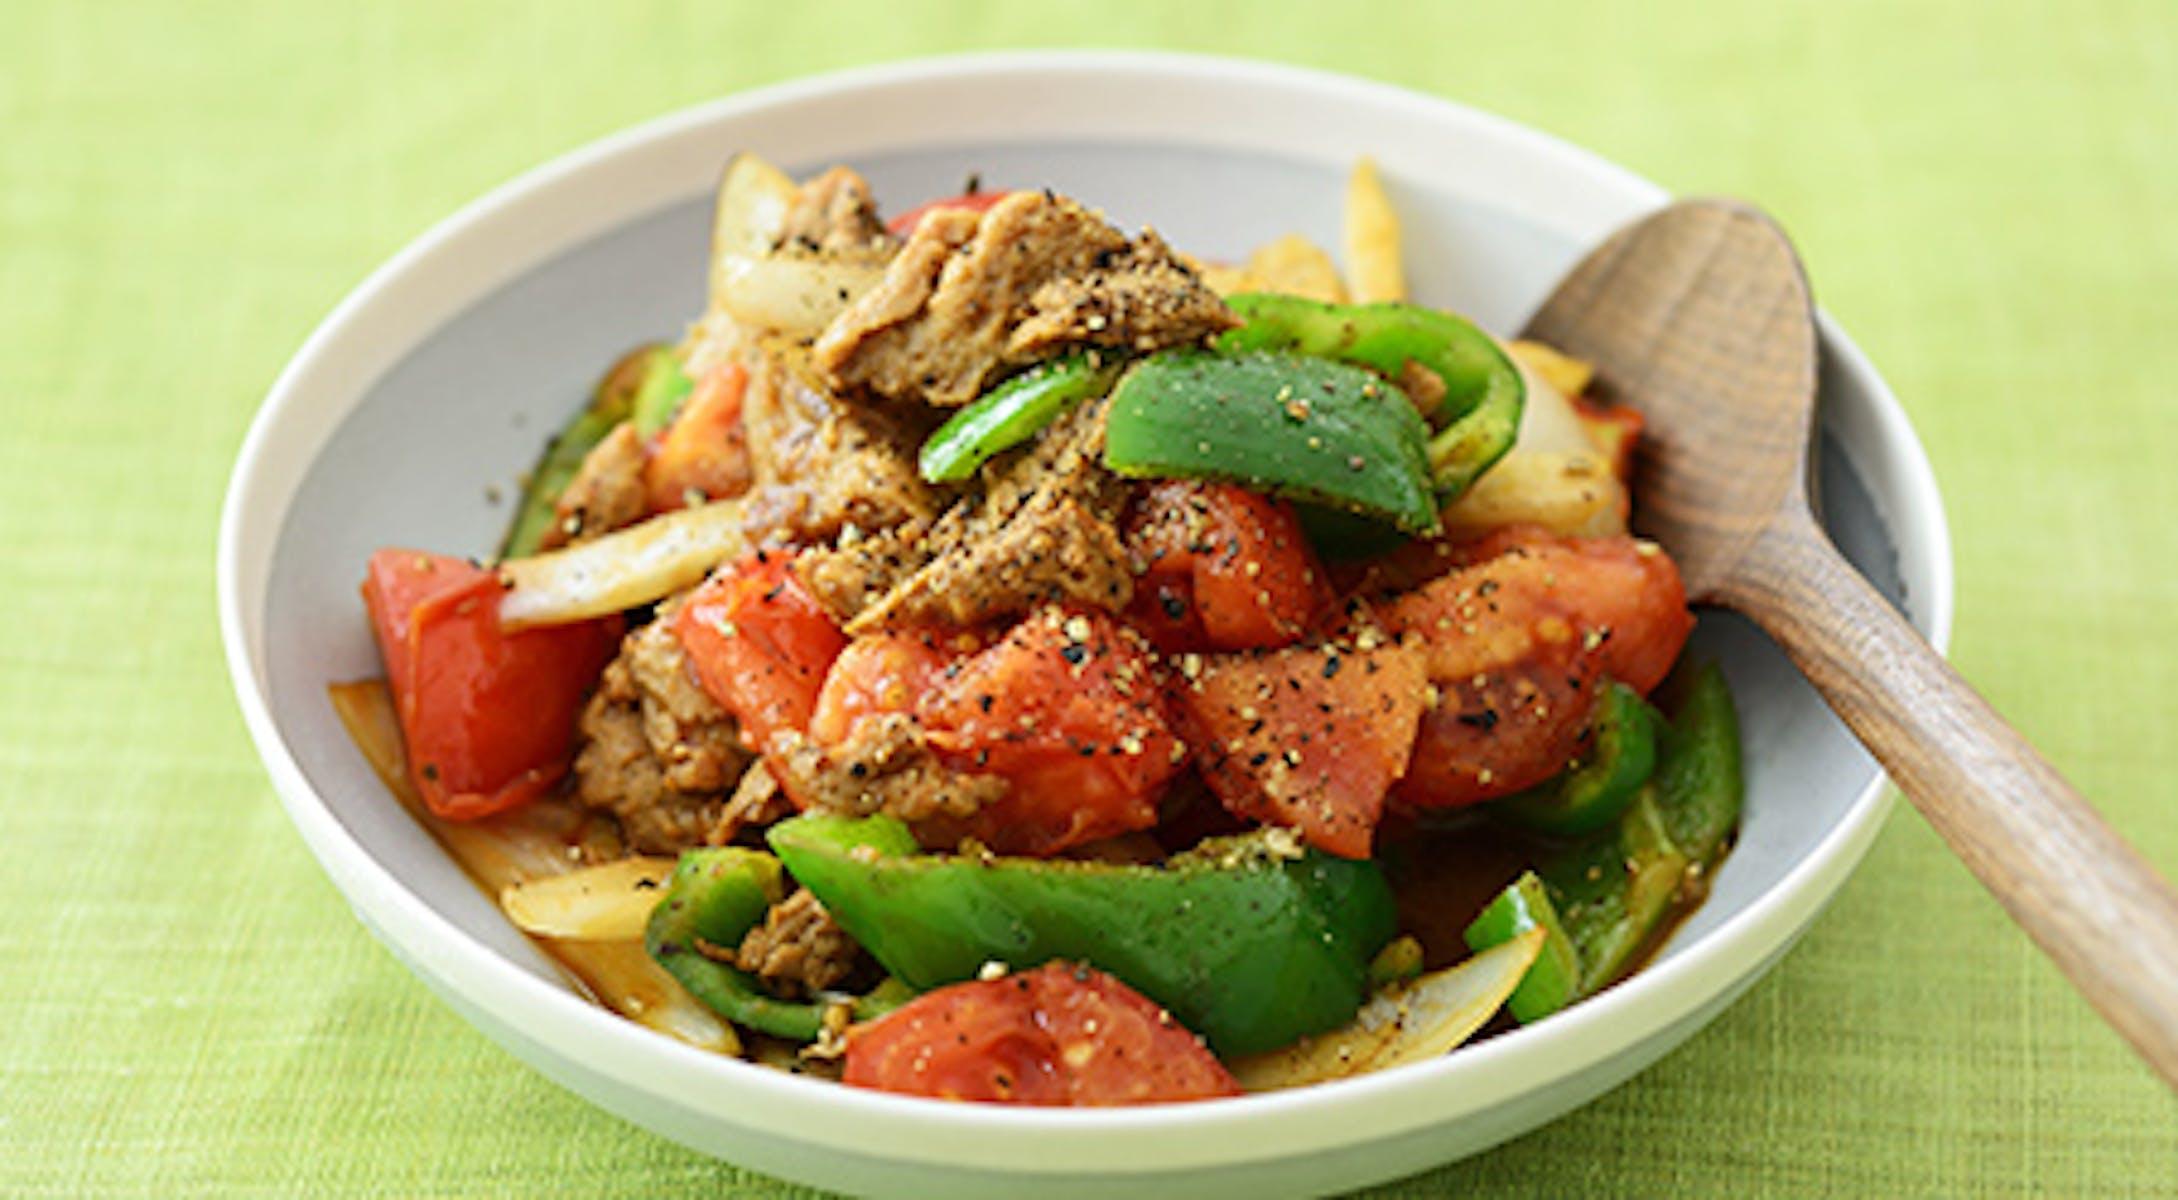 トマトとピーマン、大豆肉のオイスター醤油炒め(中華風炒め)